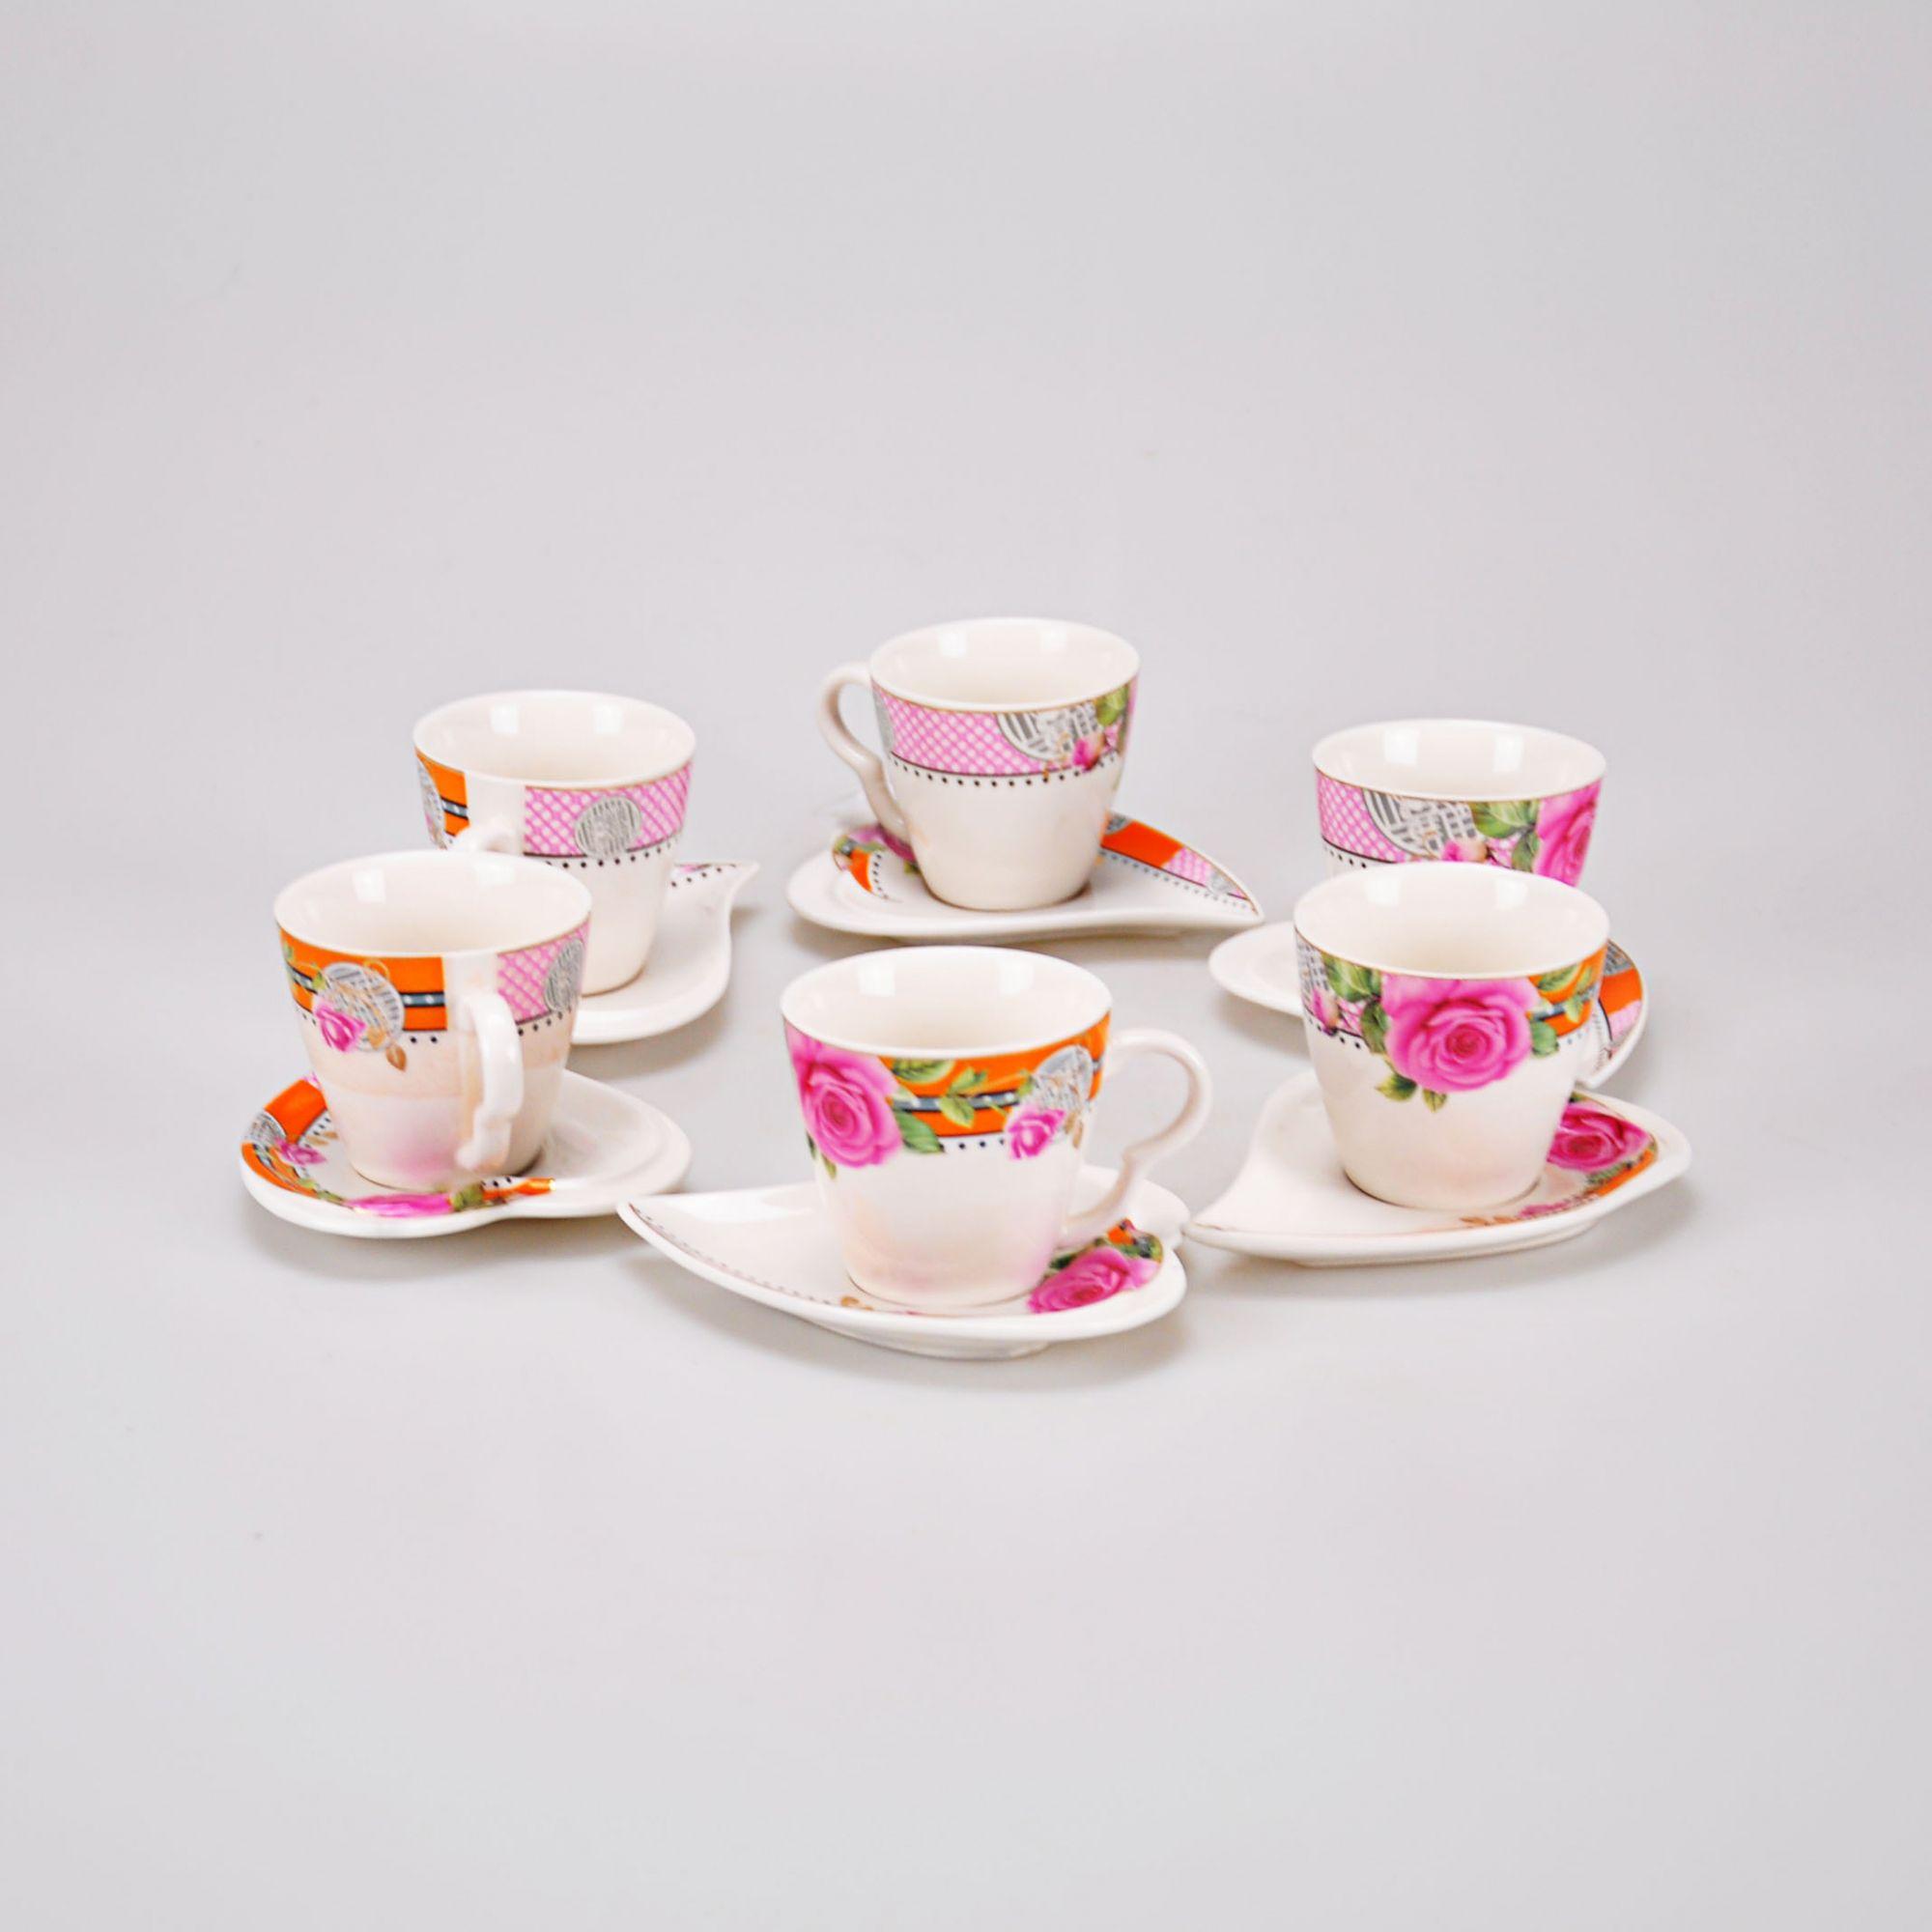 Jogo de Chá (12 peças)